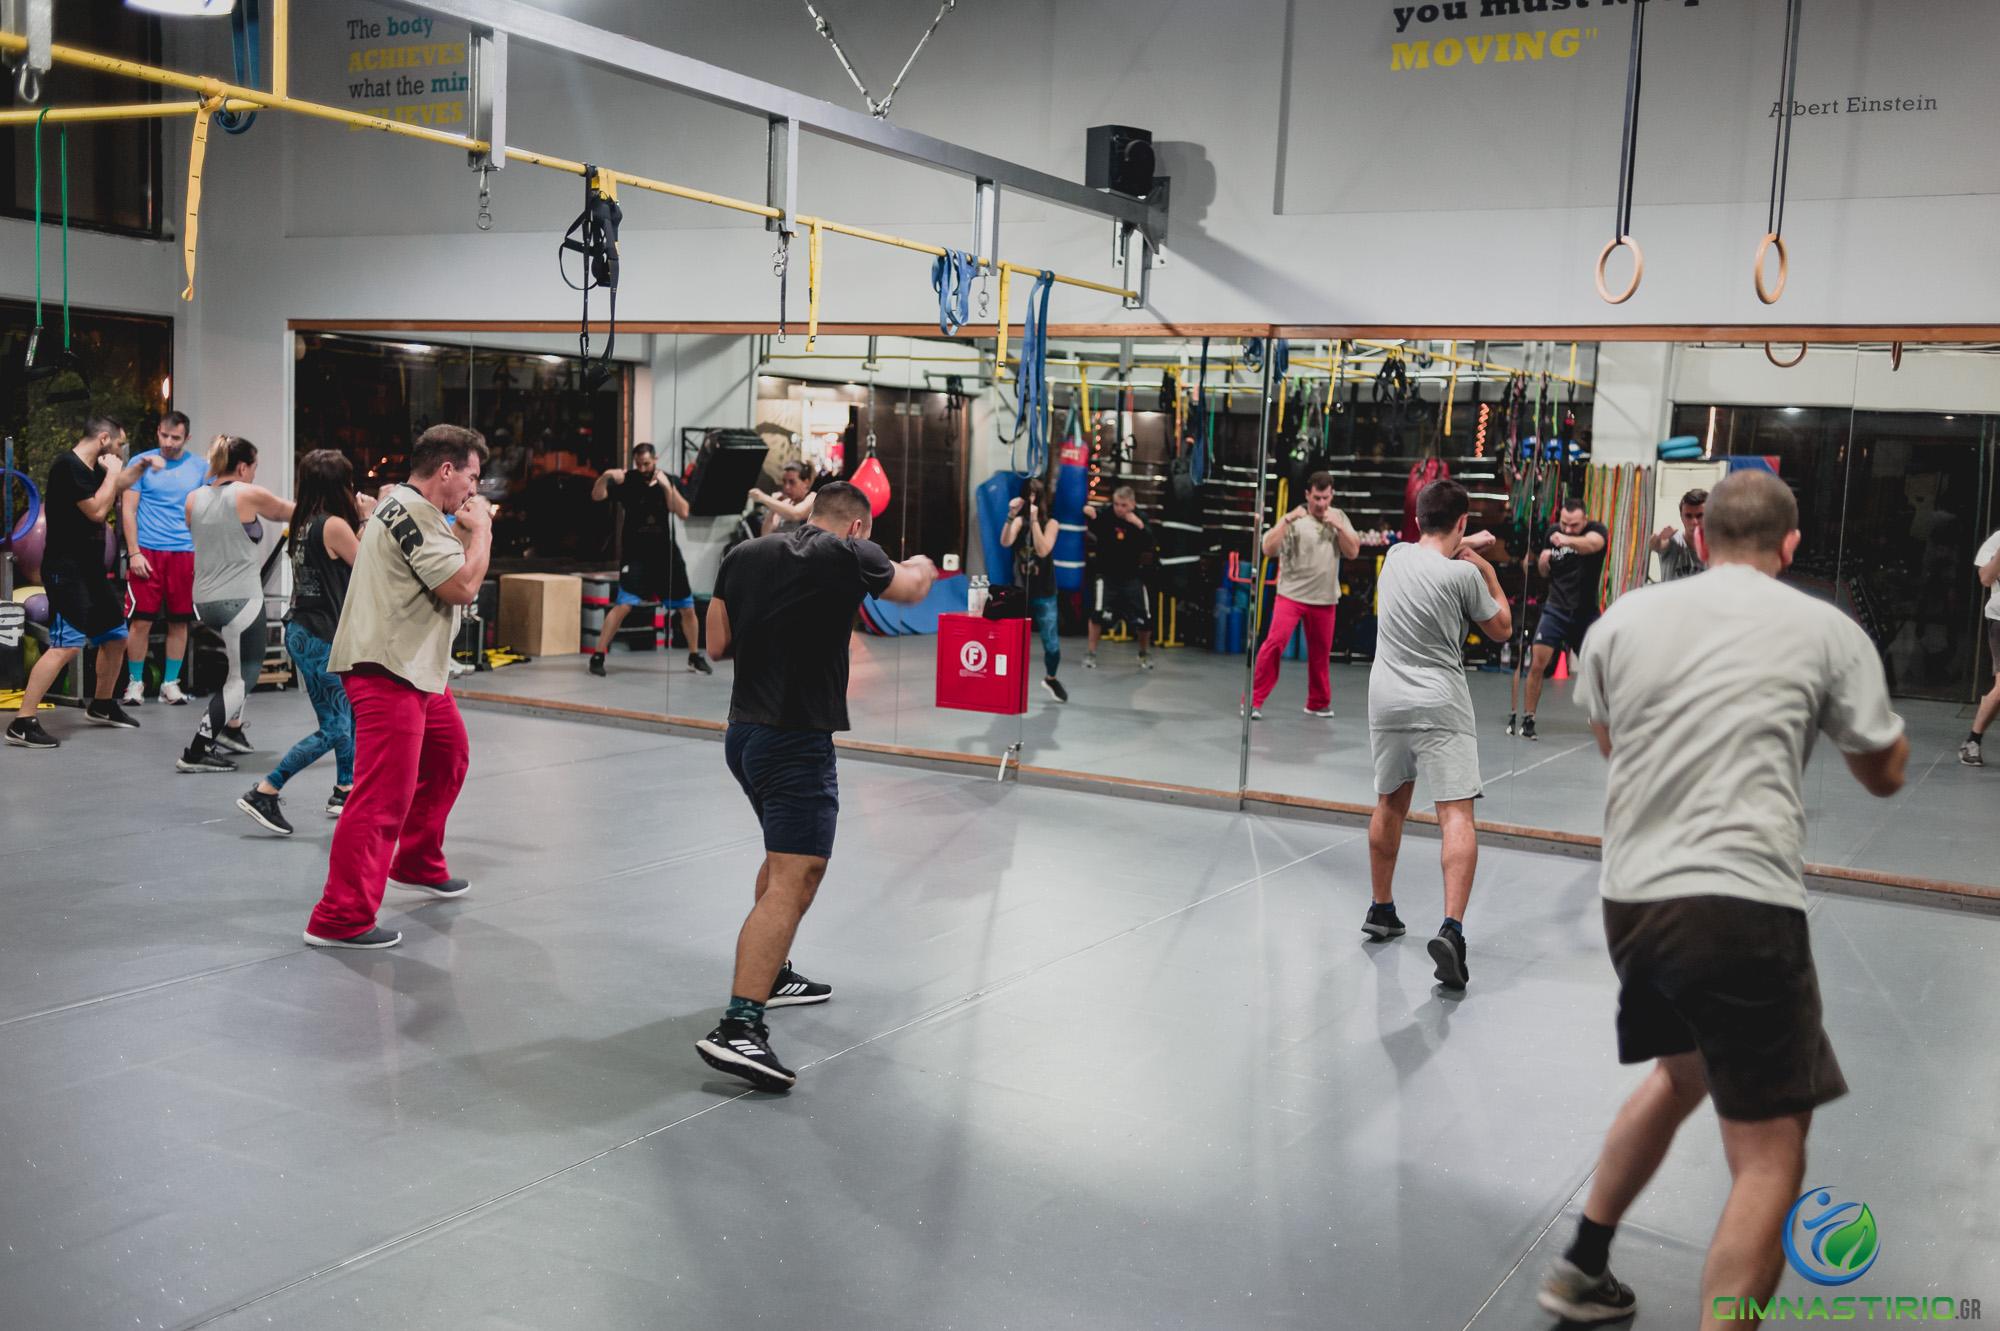 45€ για δύο (2) μήνες συνδρομή στο πρόγραμμα Fitness που περιλαμβάνει 12 μαθήματα και ΔΩΡΟ μία συνεδρία Pilates Mat στο γυμναστήριο Caestus στη Νέα Ιωνία! Αρχικής αξίας 120€ - Έκπτωση 63%